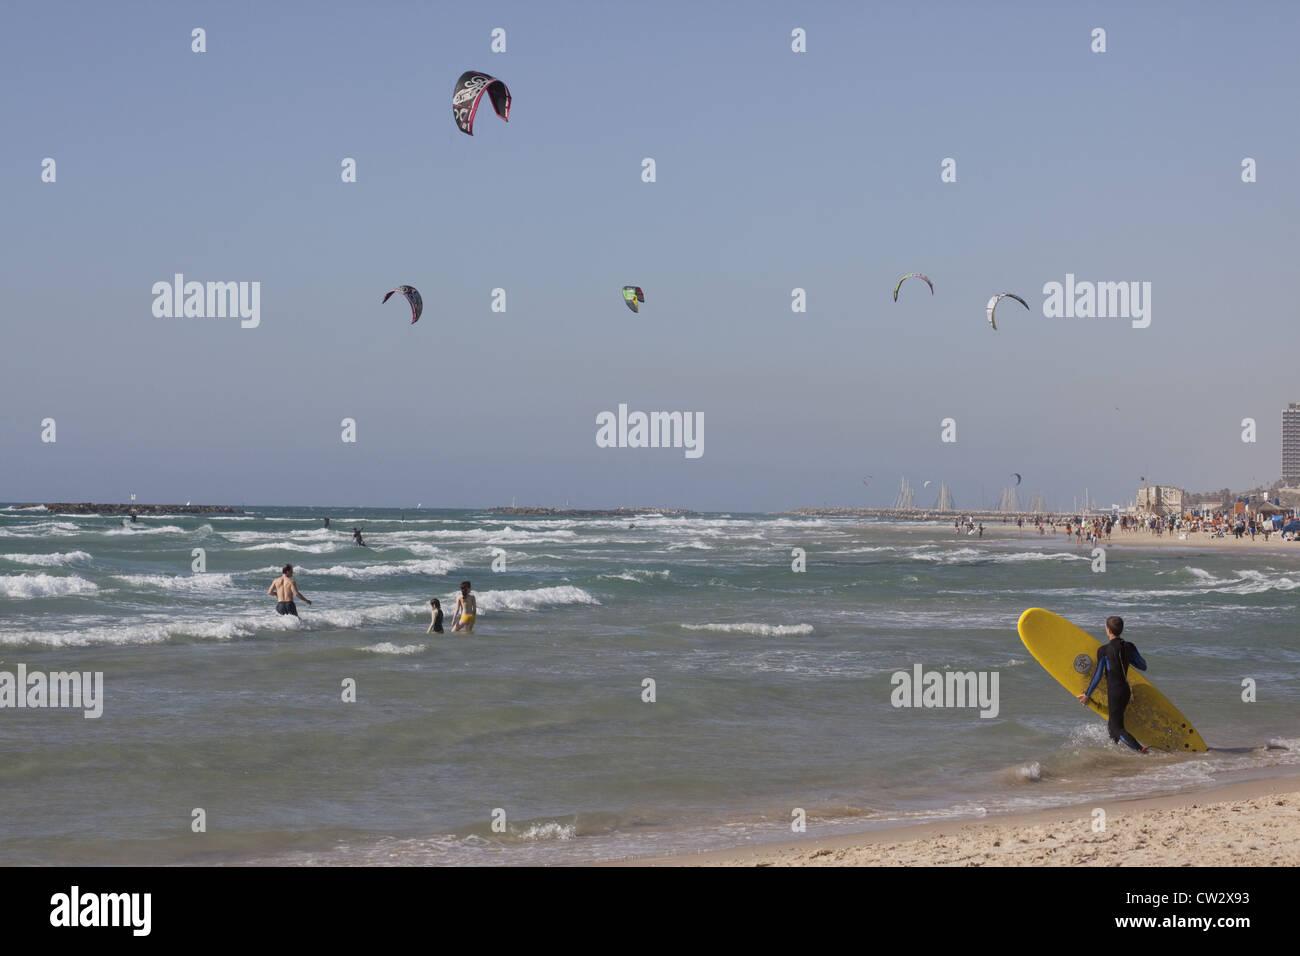 Surfista entrando en el agua con kite-surfers y bañistas en el fondo, Tel Aviv, Israel Imagen De Stock